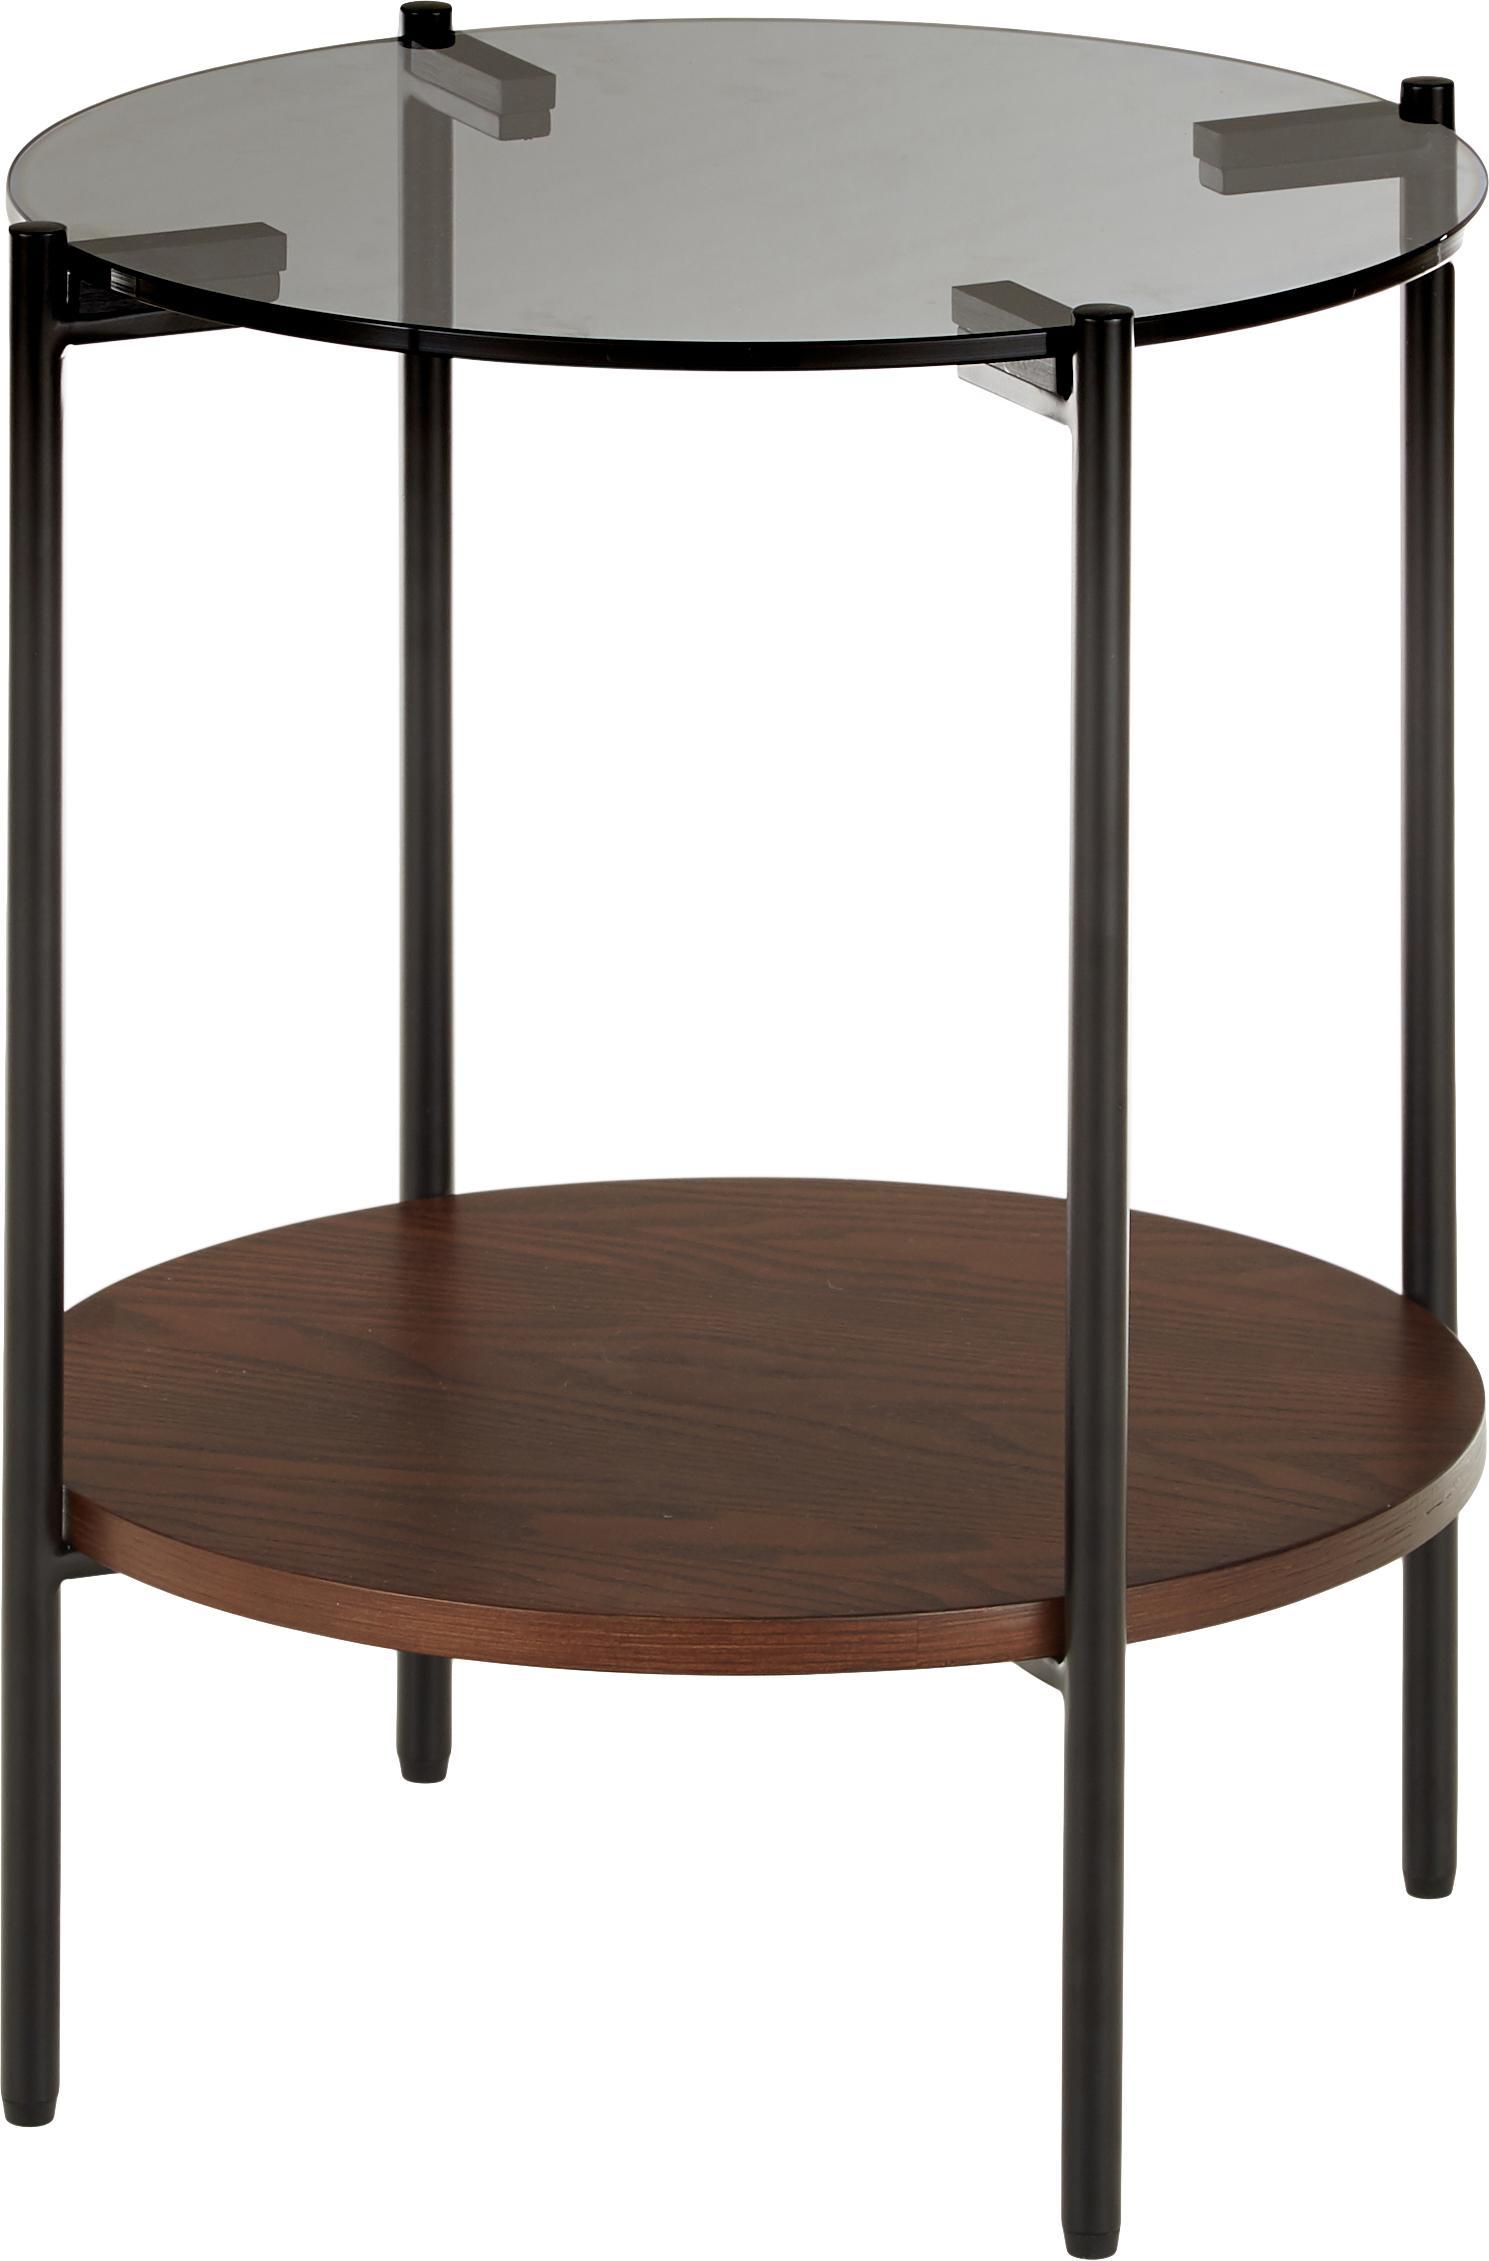 Beistelltisch Valentina mit Glasplatte, Tischplatte: Glas, Ablagefläche: Mitteldichte Holzfaserpla, Gestell: Metall, pulverbeschichtet, Braun, Ø 44 x H 50 cm